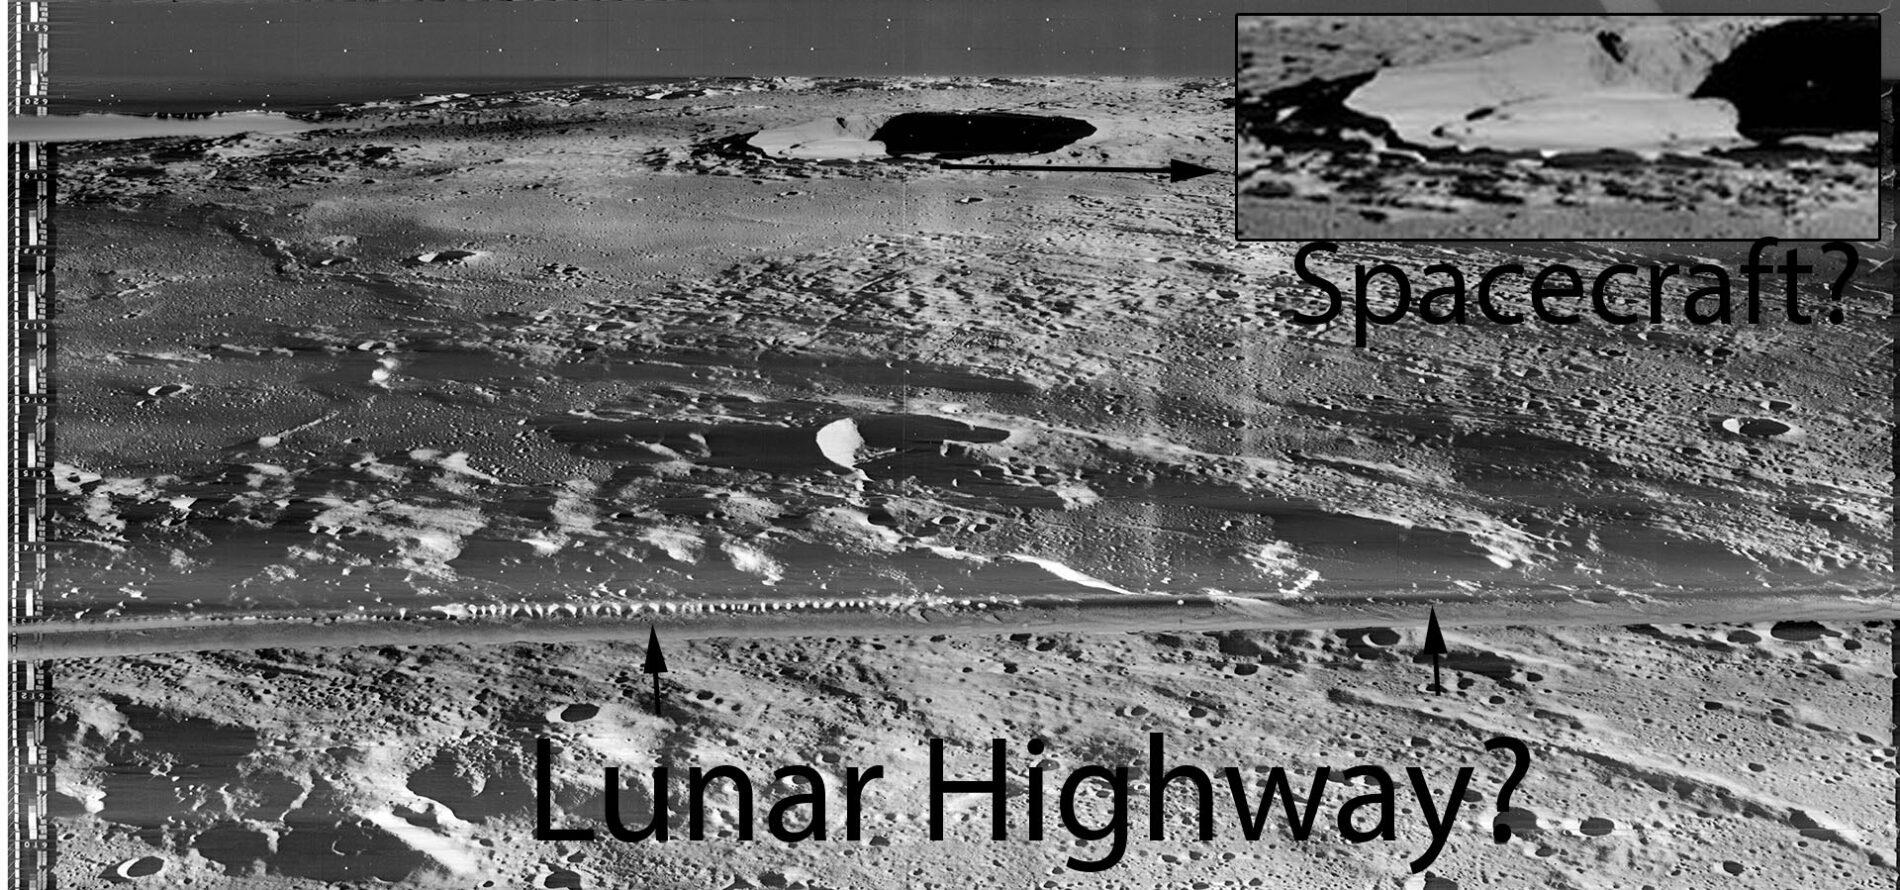 ancient spacecraft on moon clementine satellite - photo #23